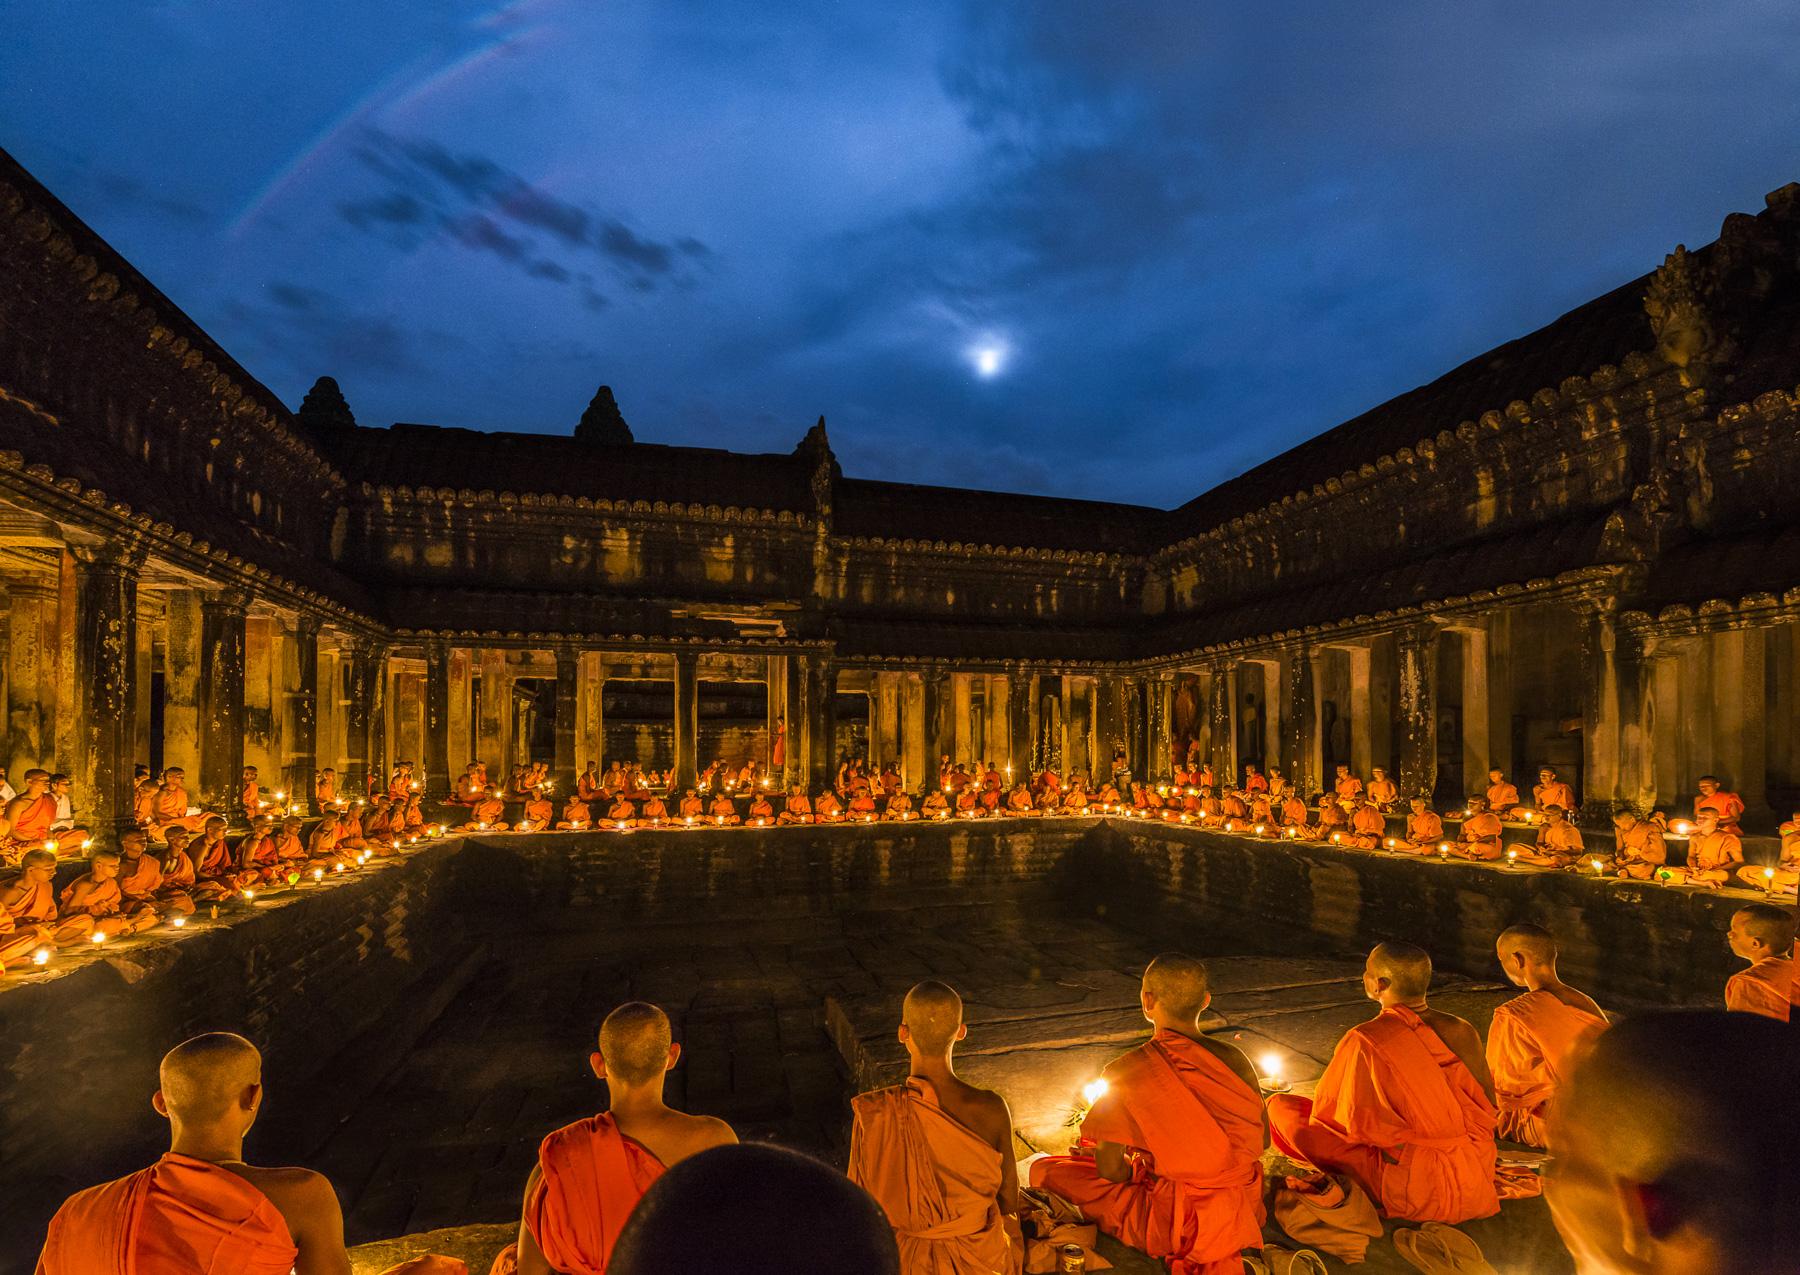 Monks meditating under the light of the full moon.